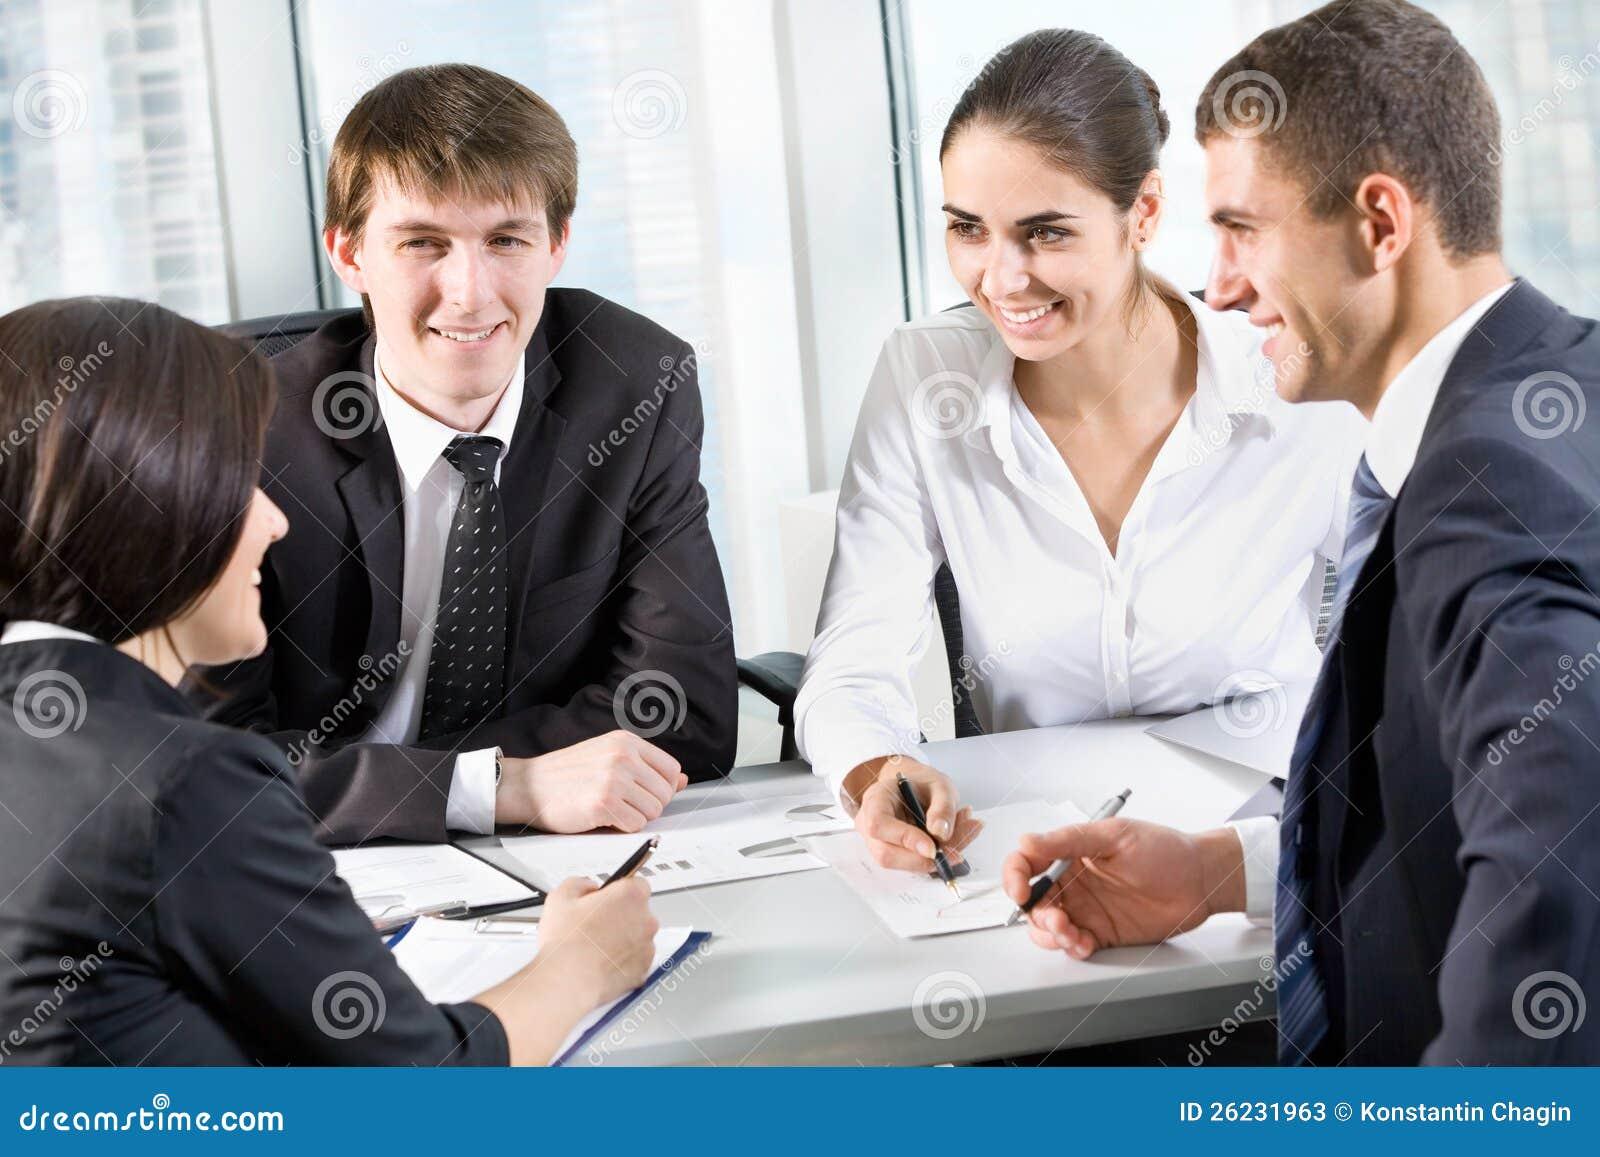 картинки деловая встреча